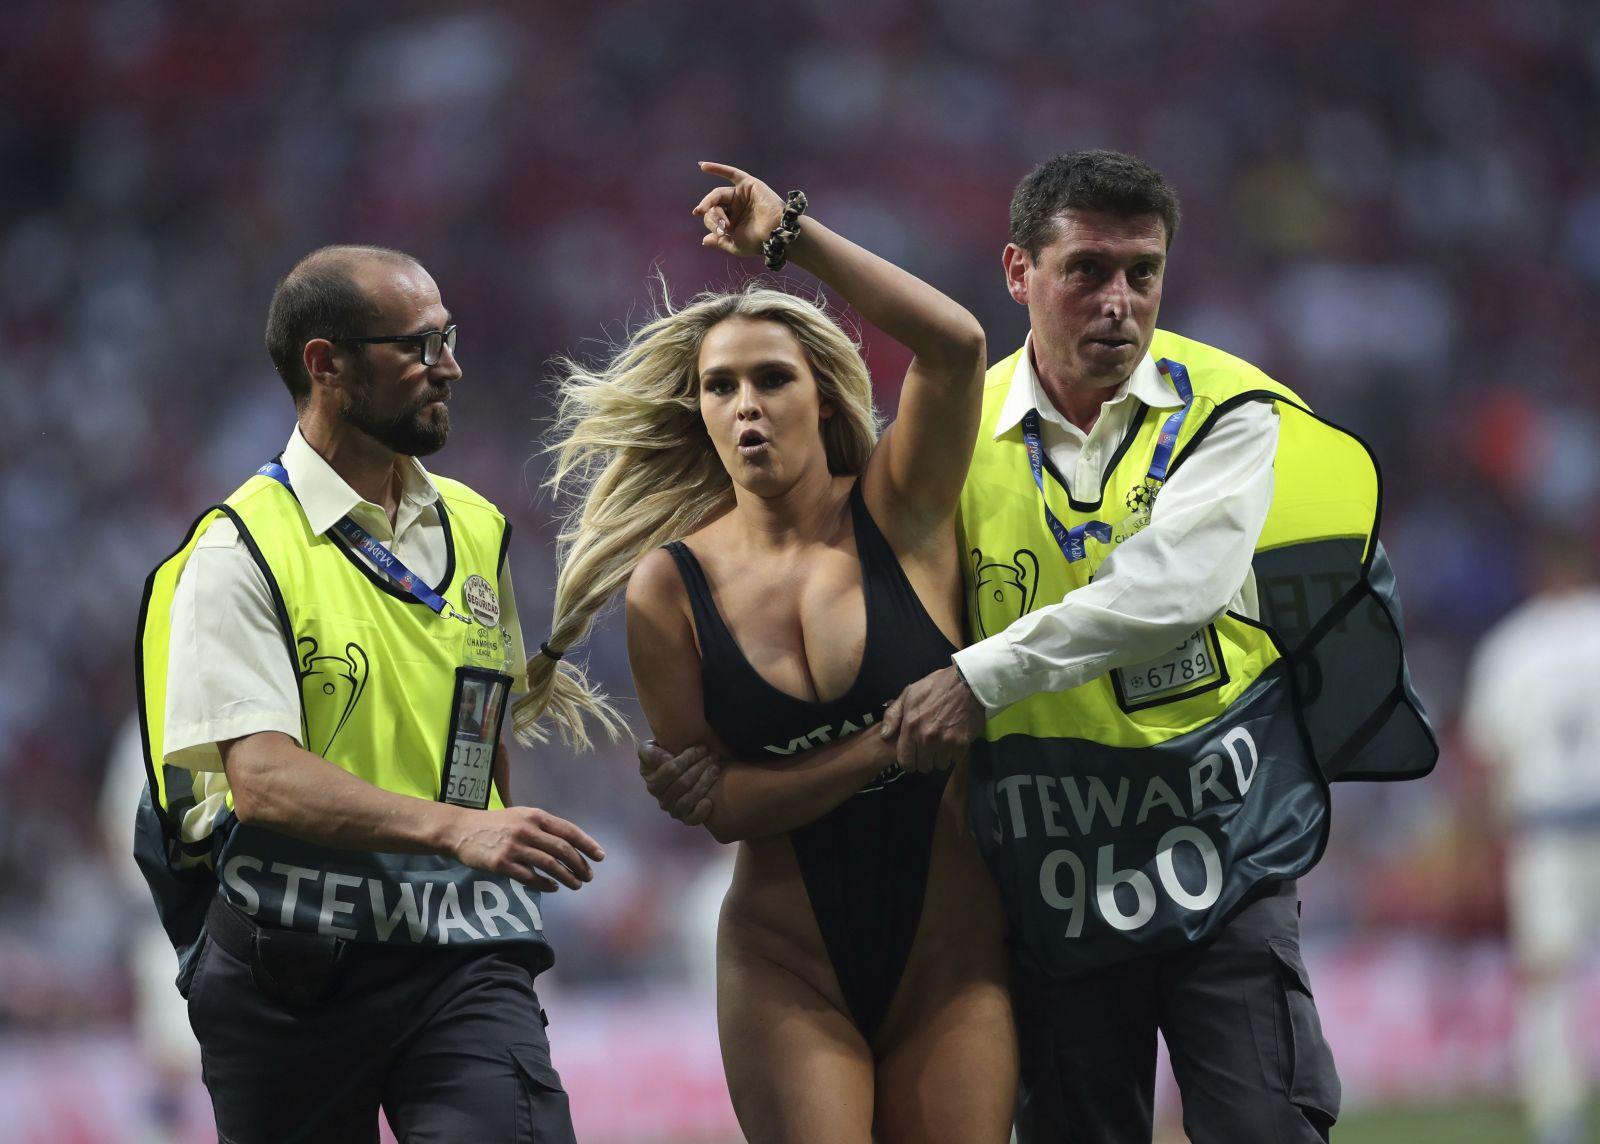 Vo finále Ligy majstrov vbehla na ihrisko polonahá fanúšička, ktorá vzbudila pozornosť všetkých divákov